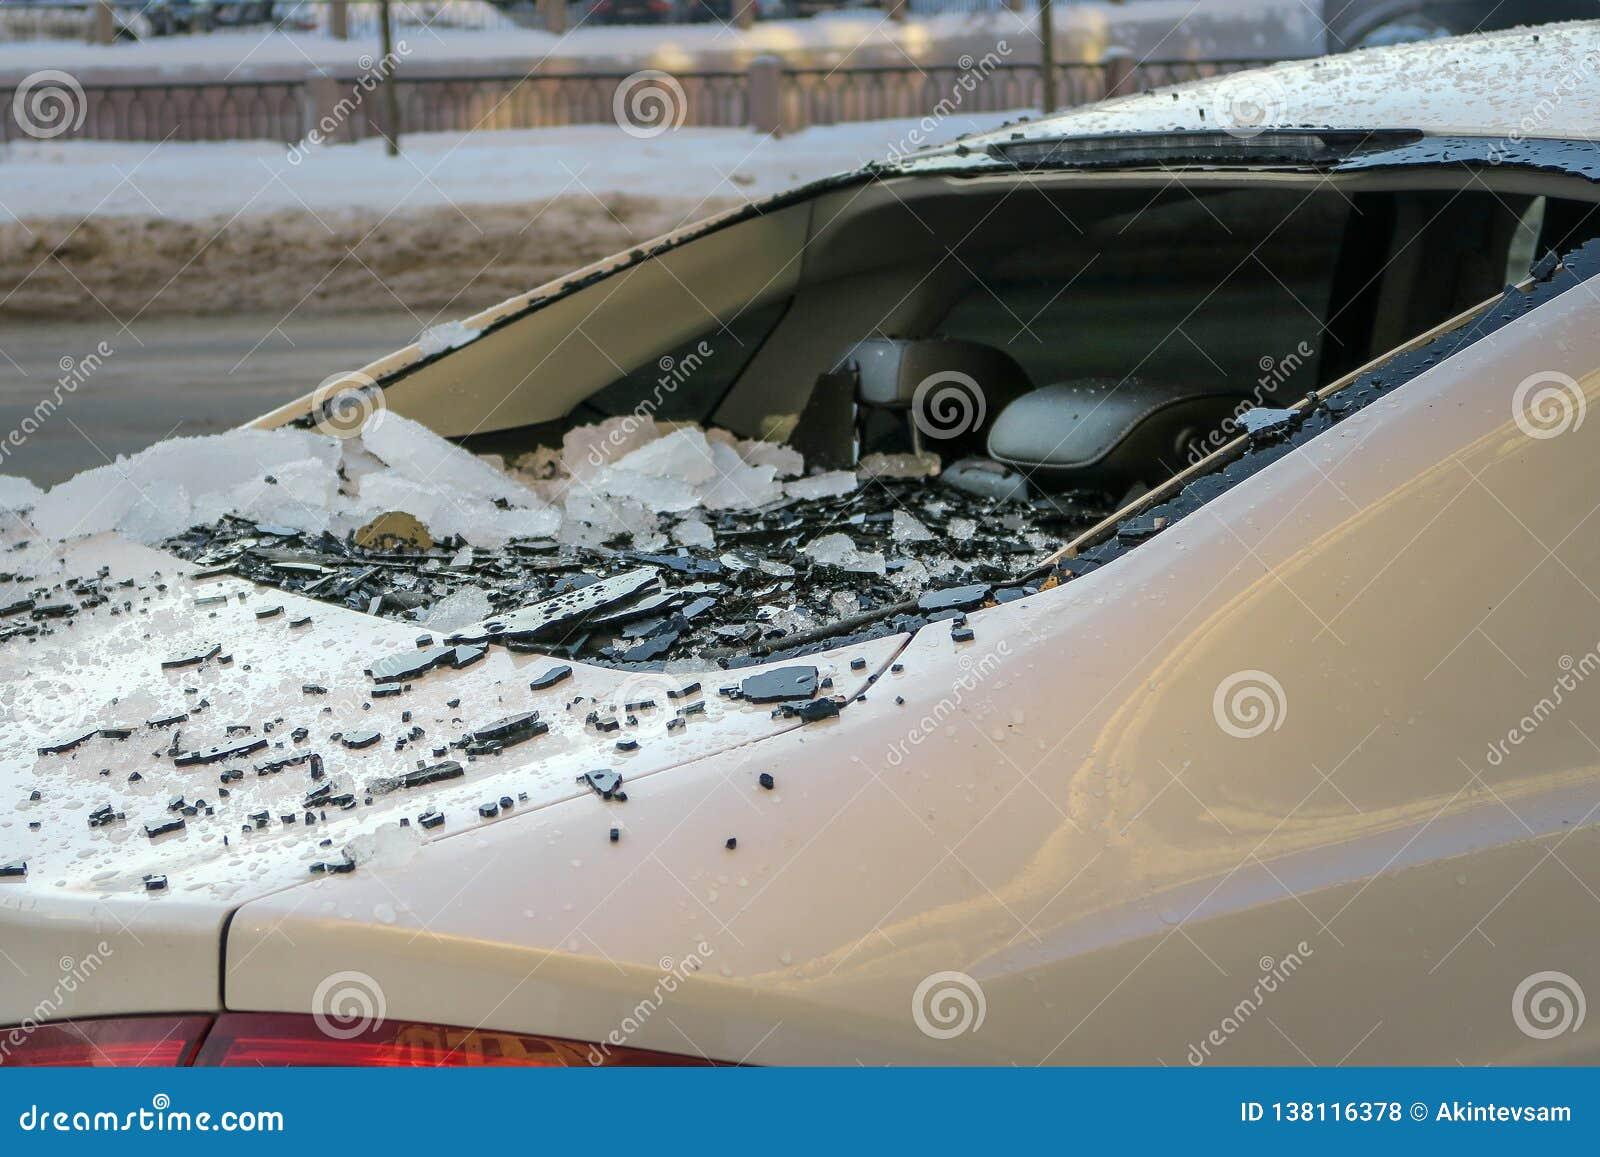 Broken bilstöldfönster skadad bil från fallande is